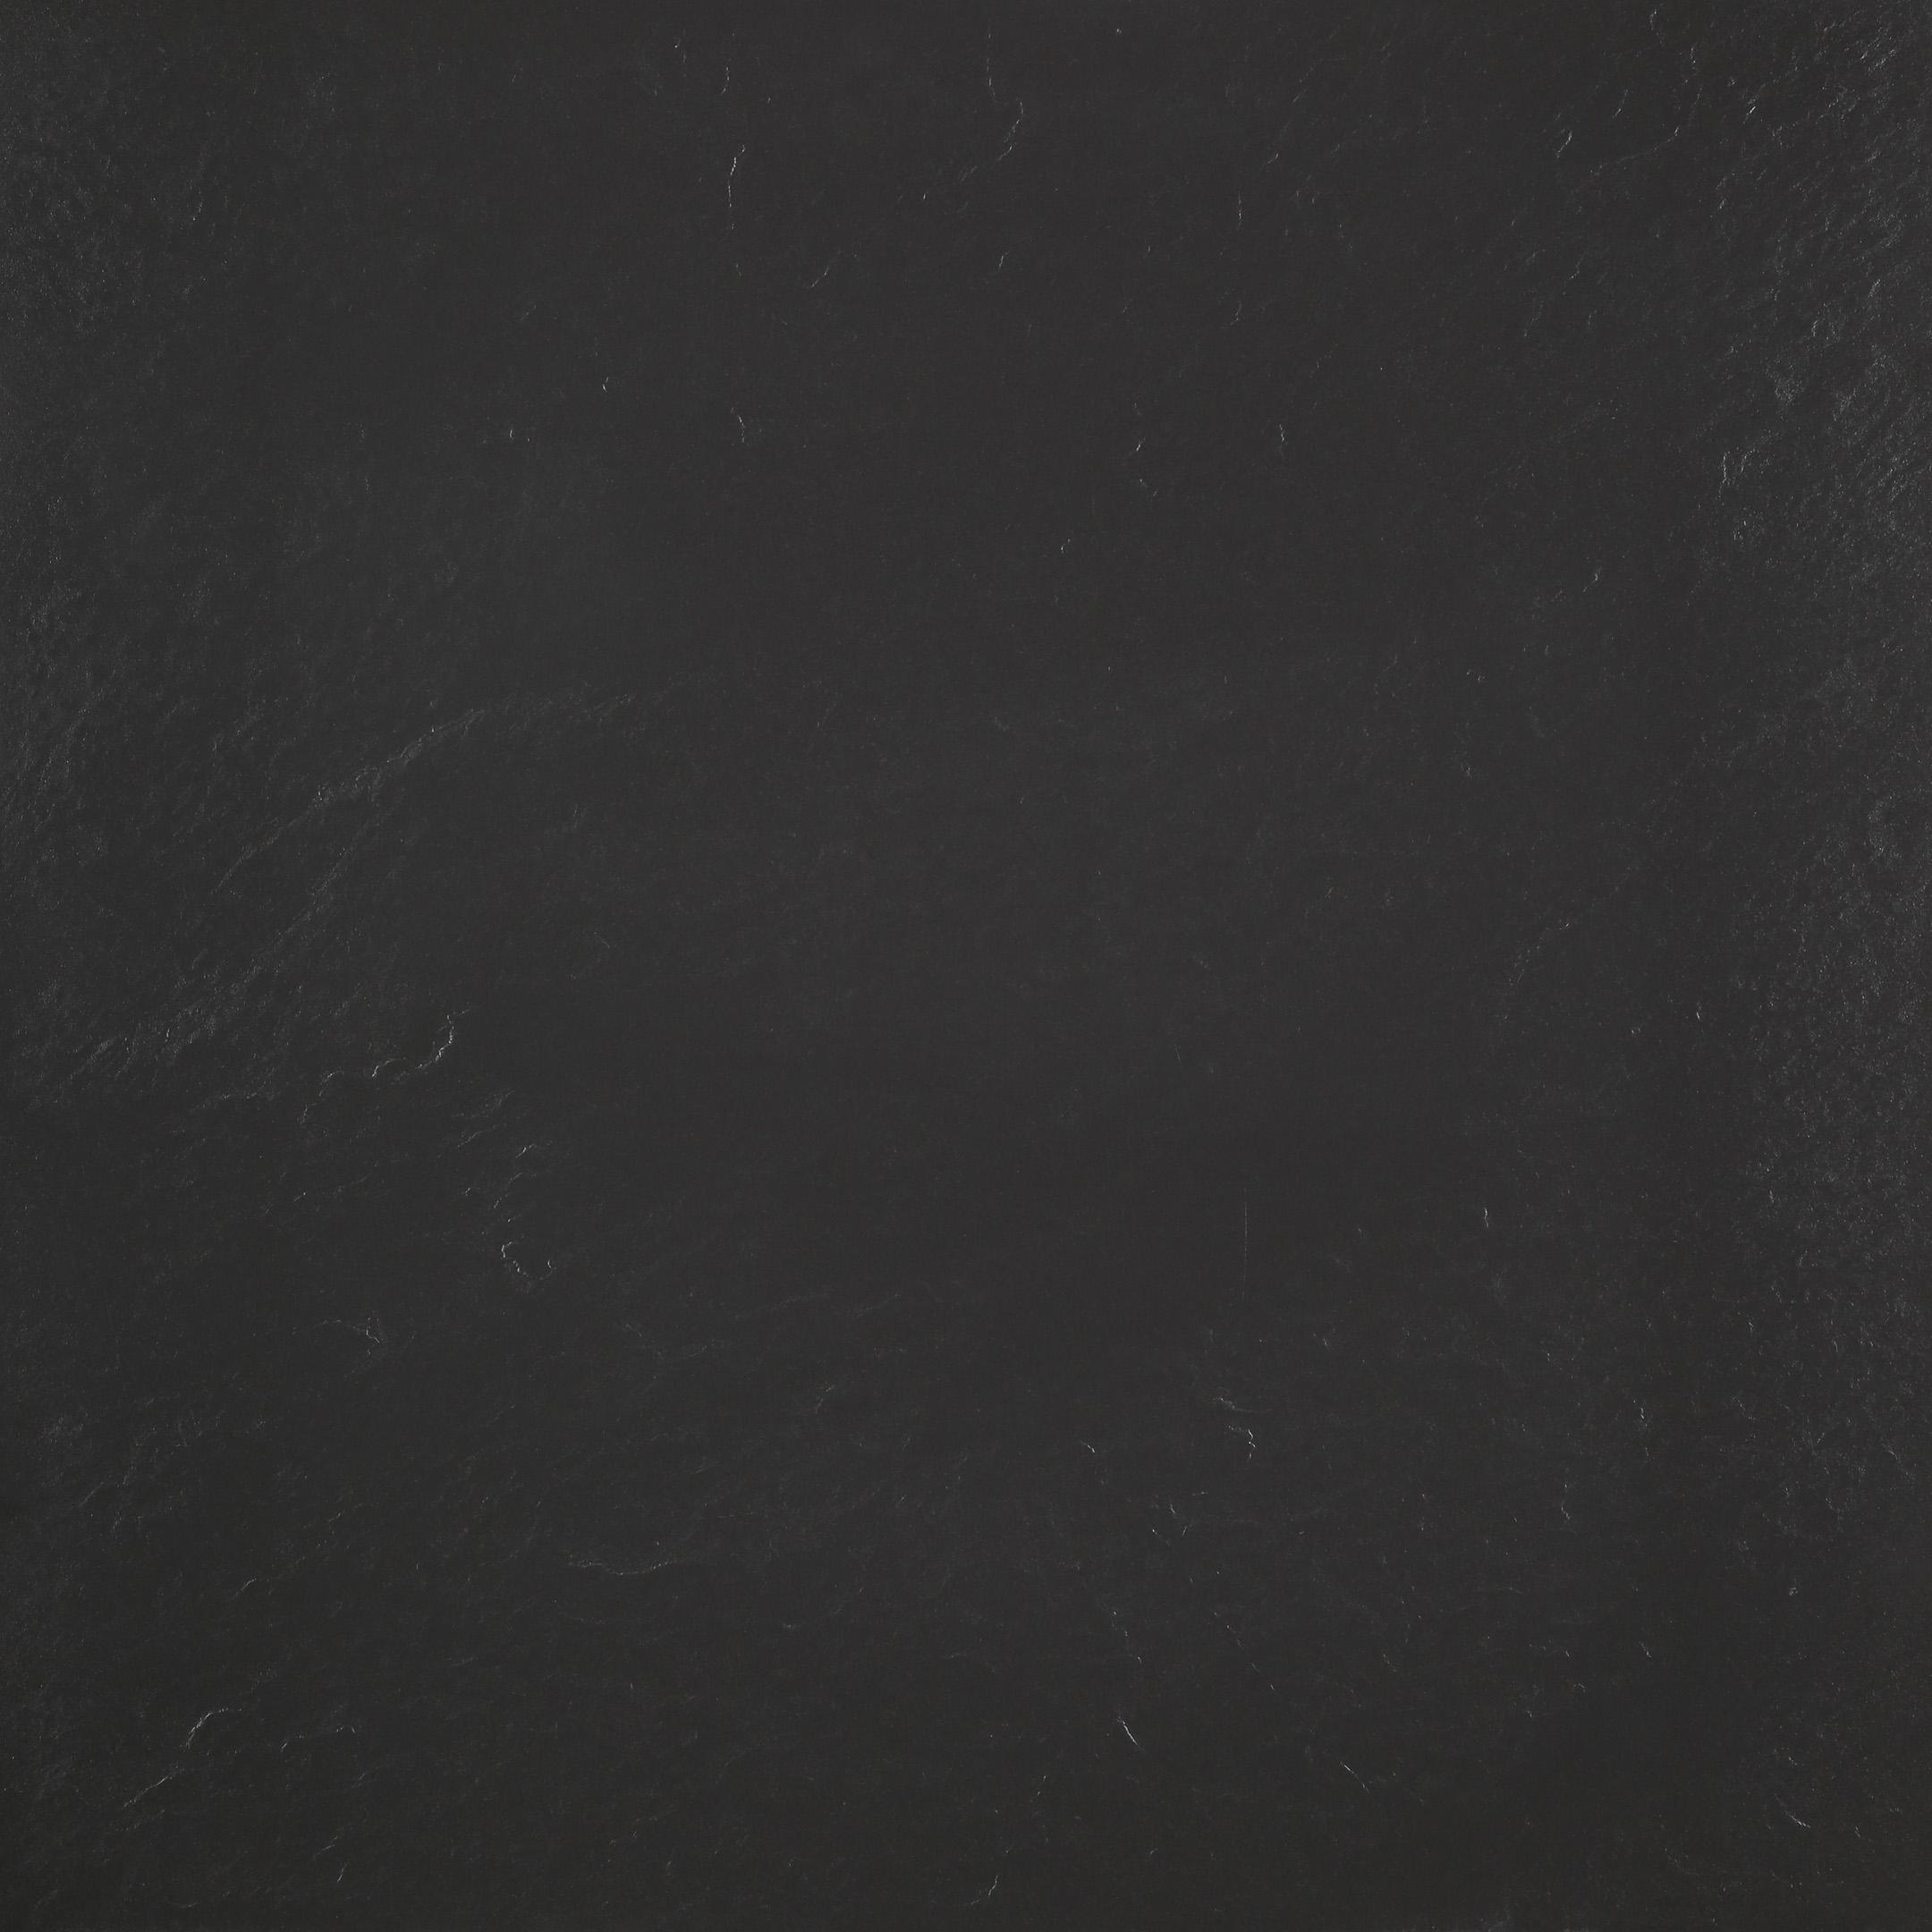 Керамогранит Керамика будущего Моноколор черный cf013 лаппатированный 600х600х10,5 мм (4 шт.=1,44 кв.м)